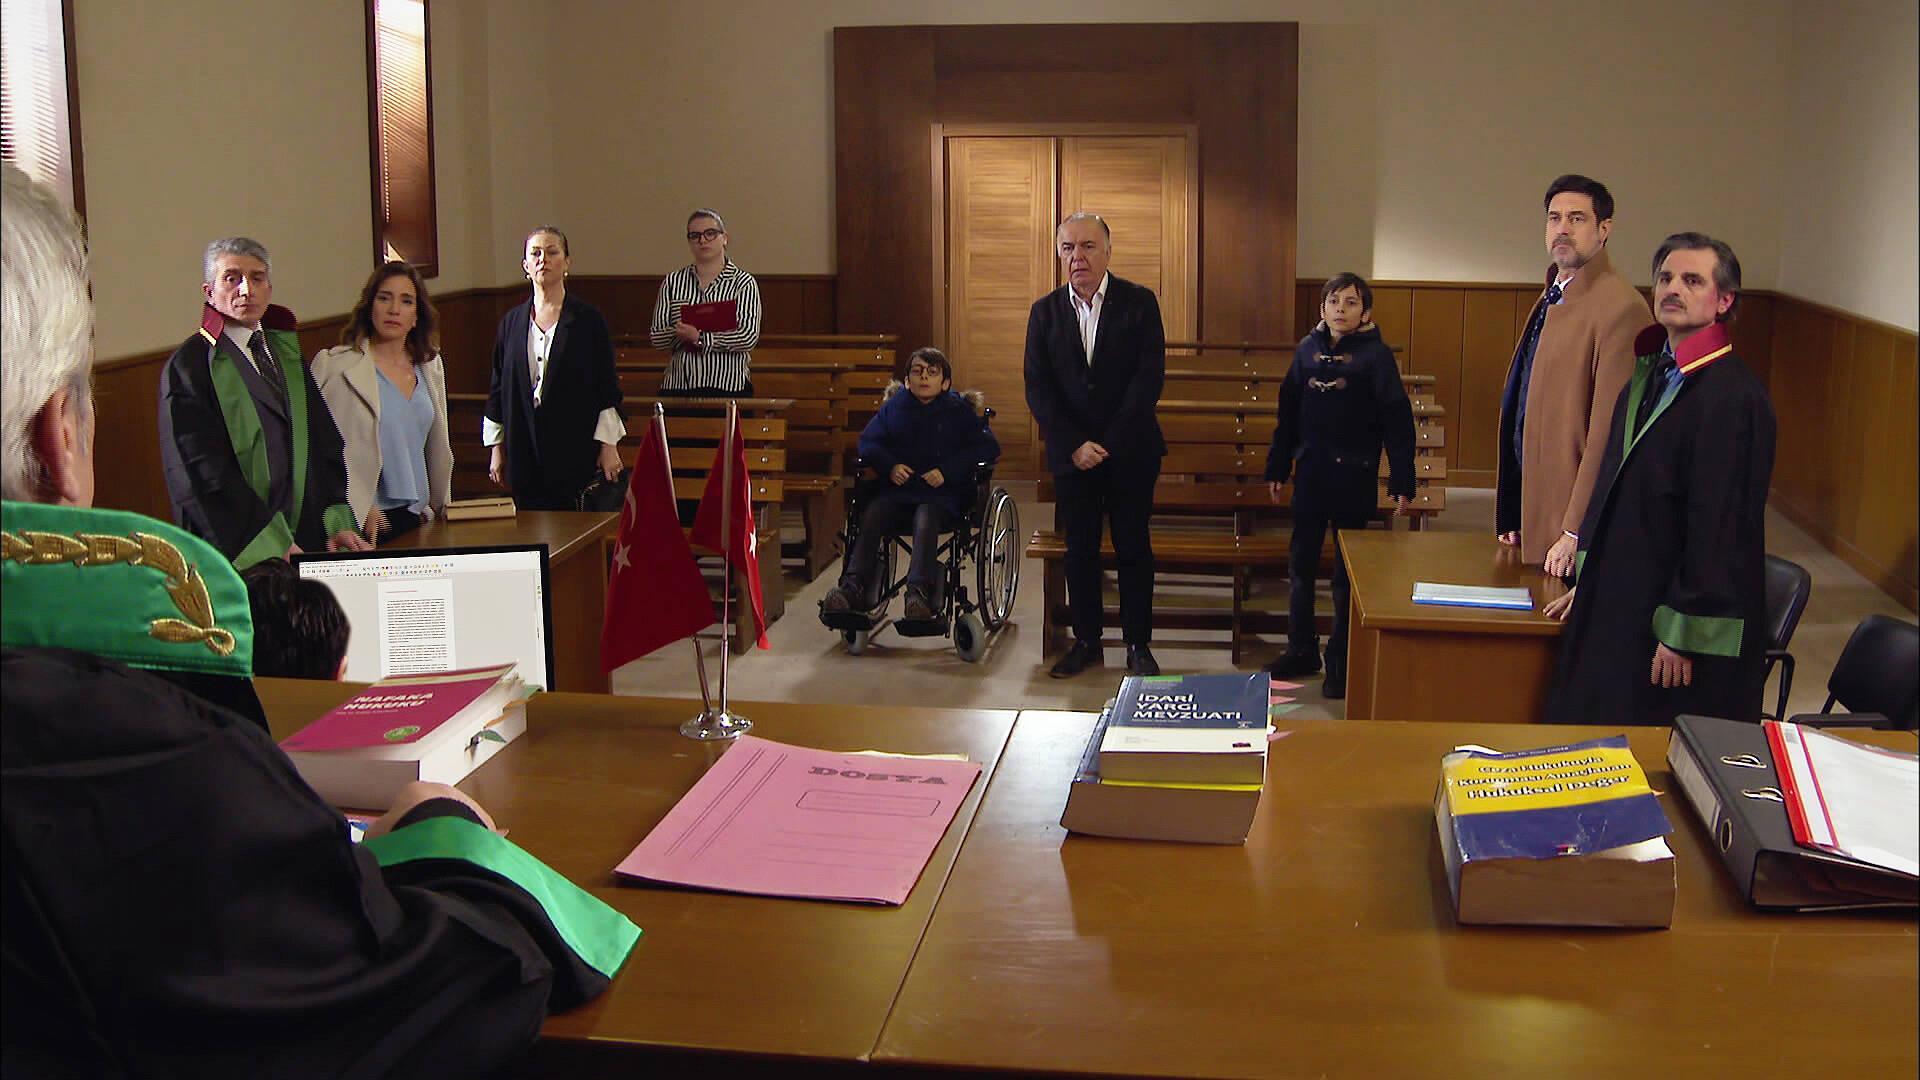 Mahkemeden çıkan şok karar!